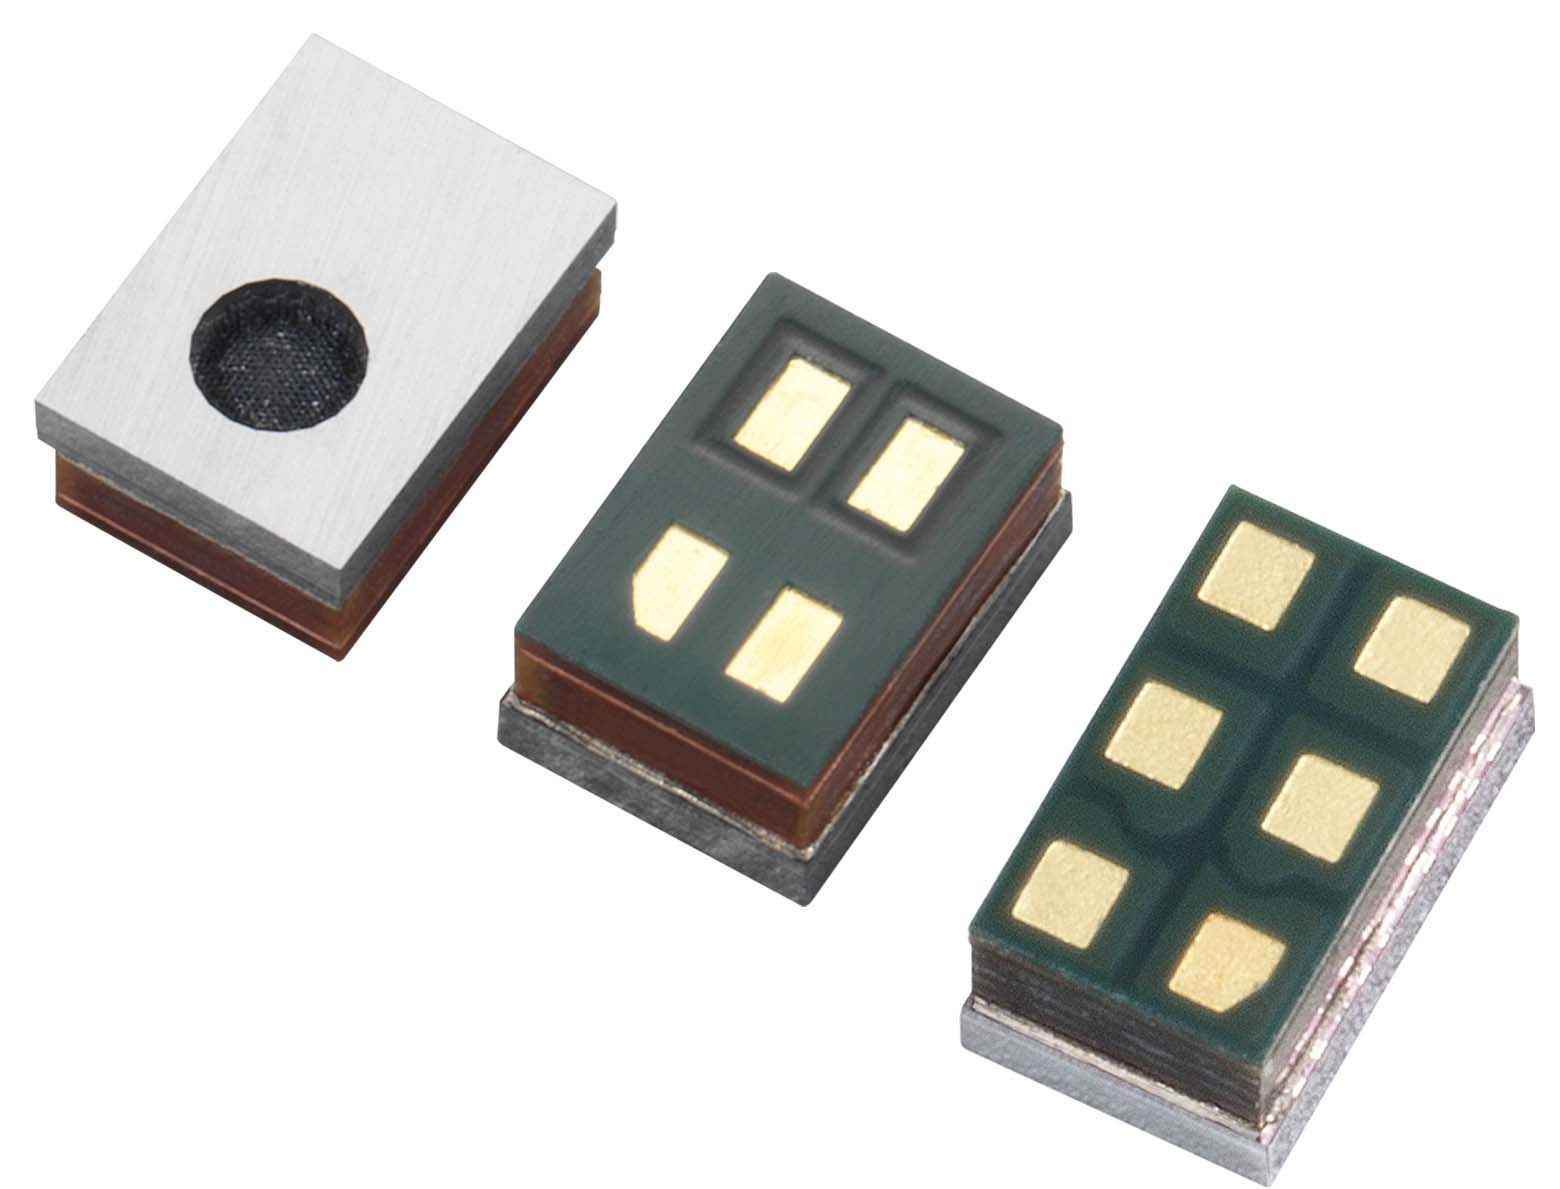 鑫創科技 Solid State System Co Ltd